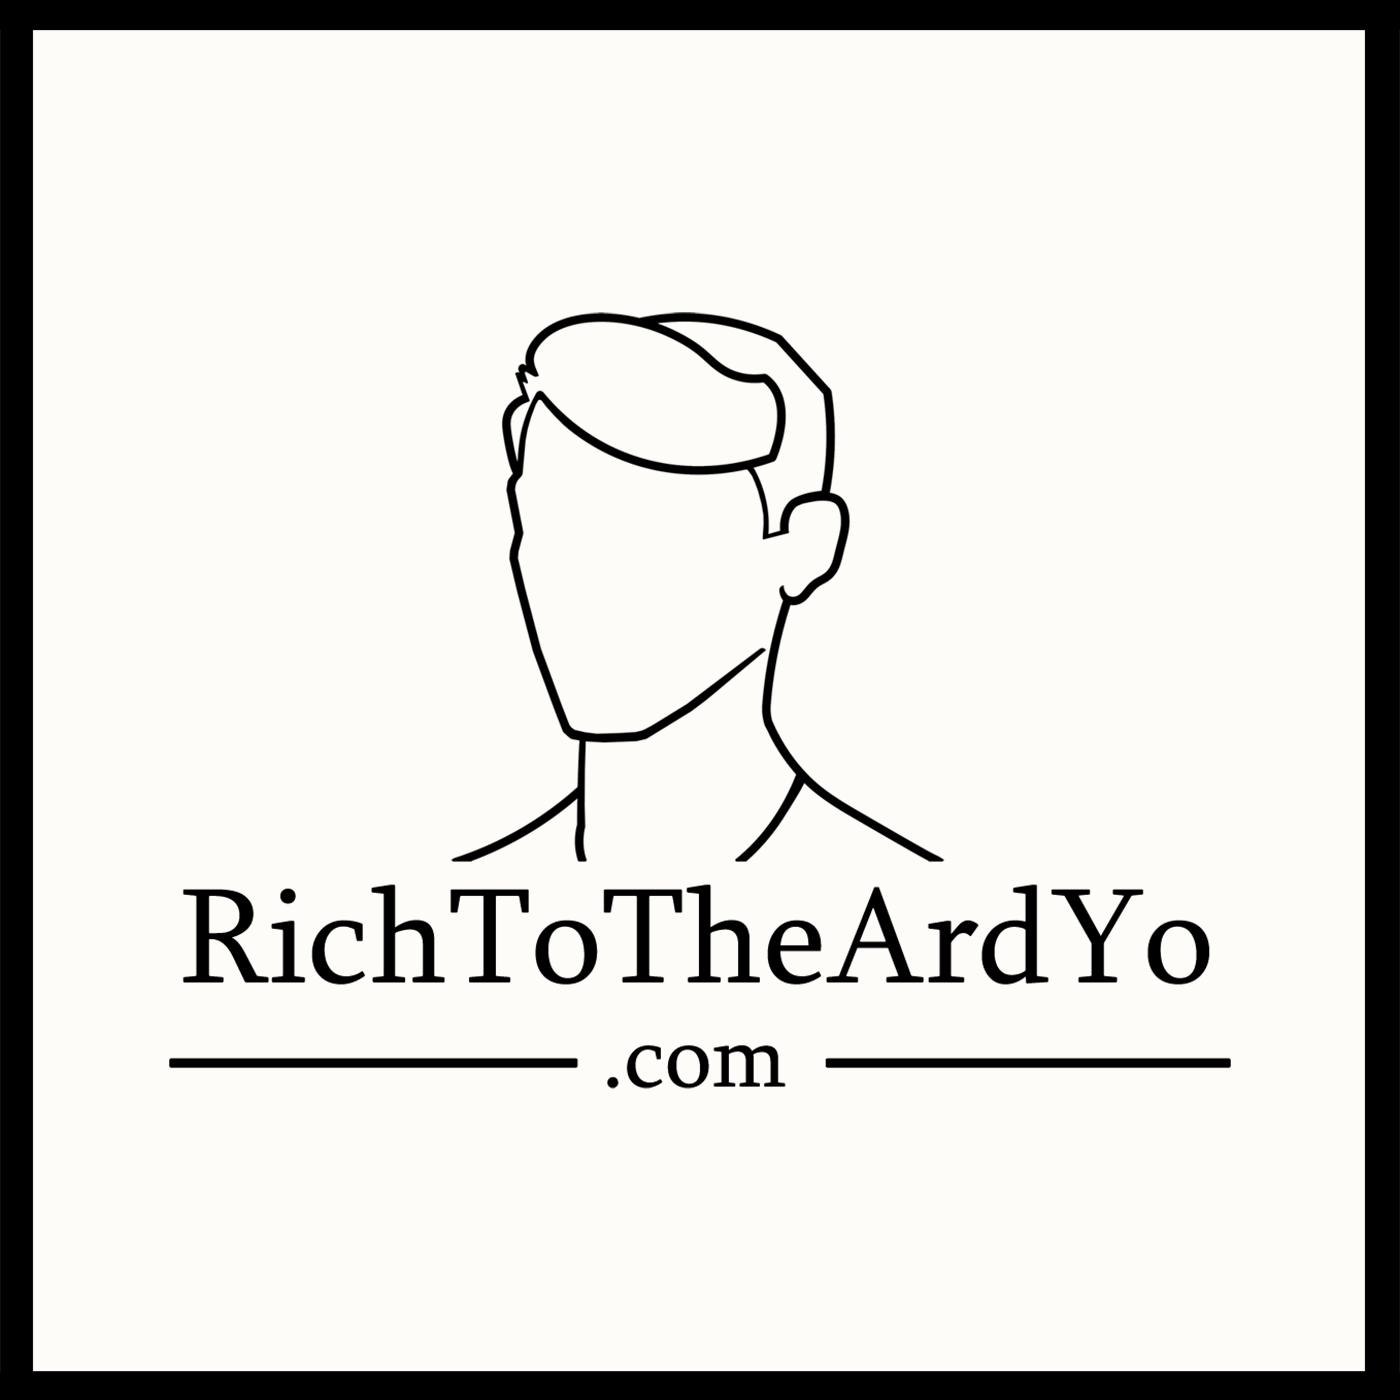 RichToTheArdYo_Logo_V5_1400_Square_BlackWhite.jpg